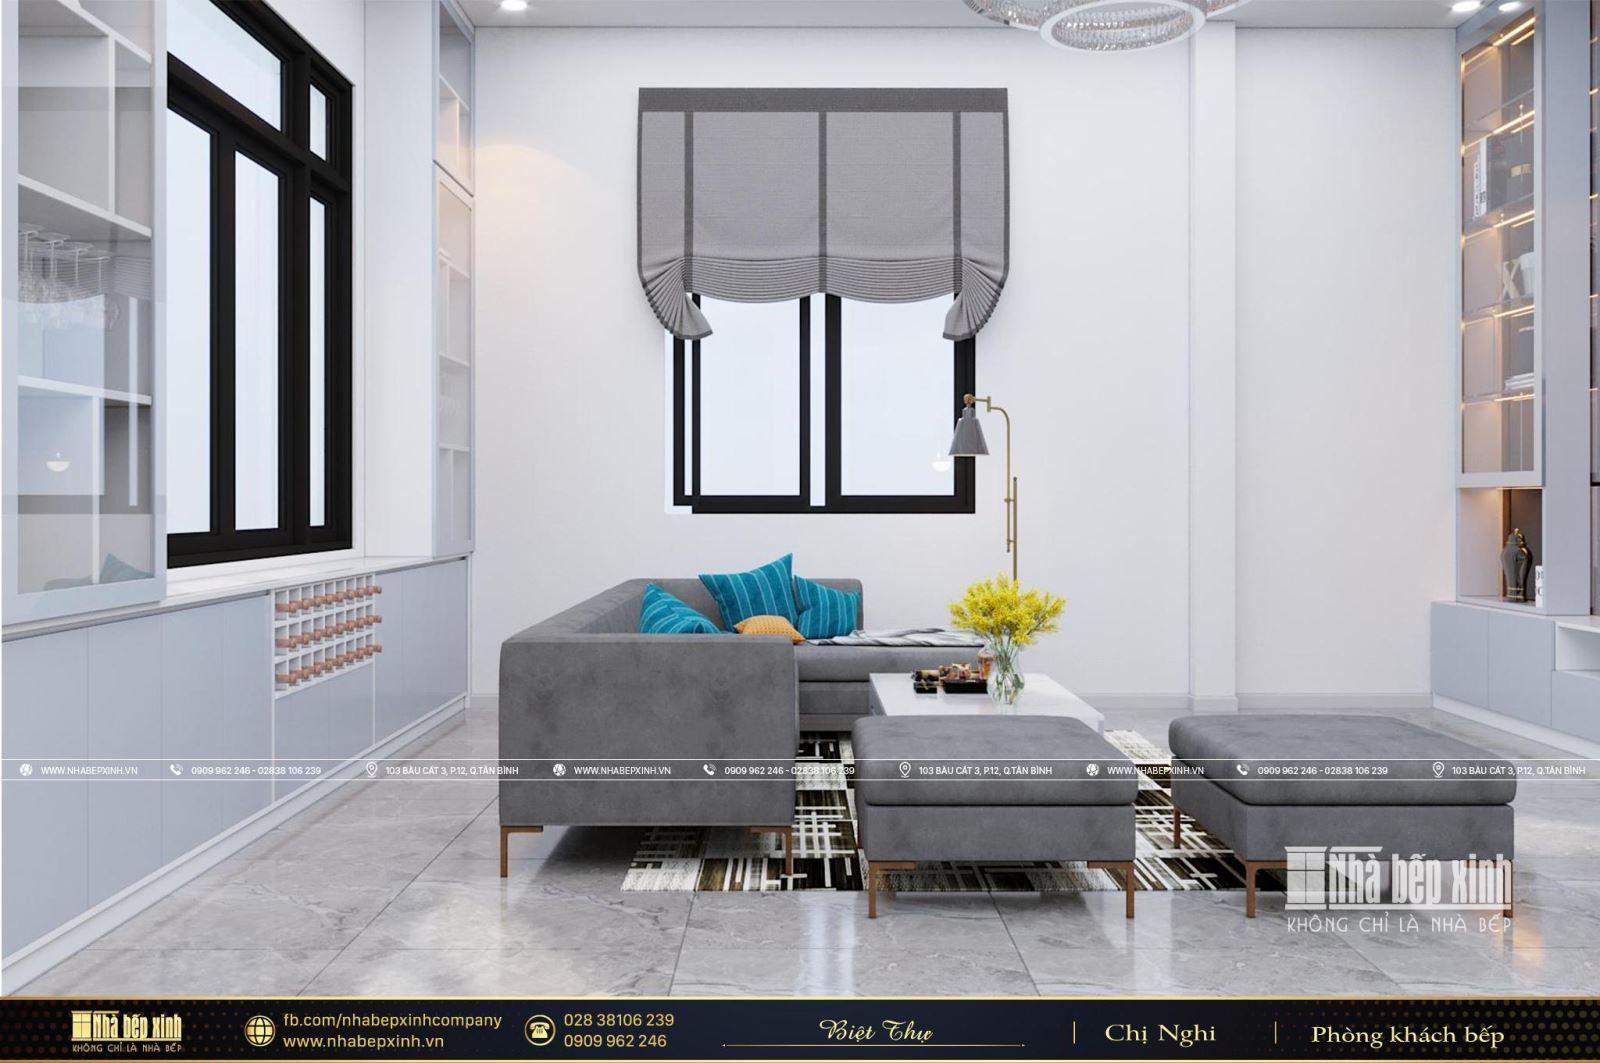 Thiết kế nội thất phòng khách bếp hiện đại tại Cà Mau